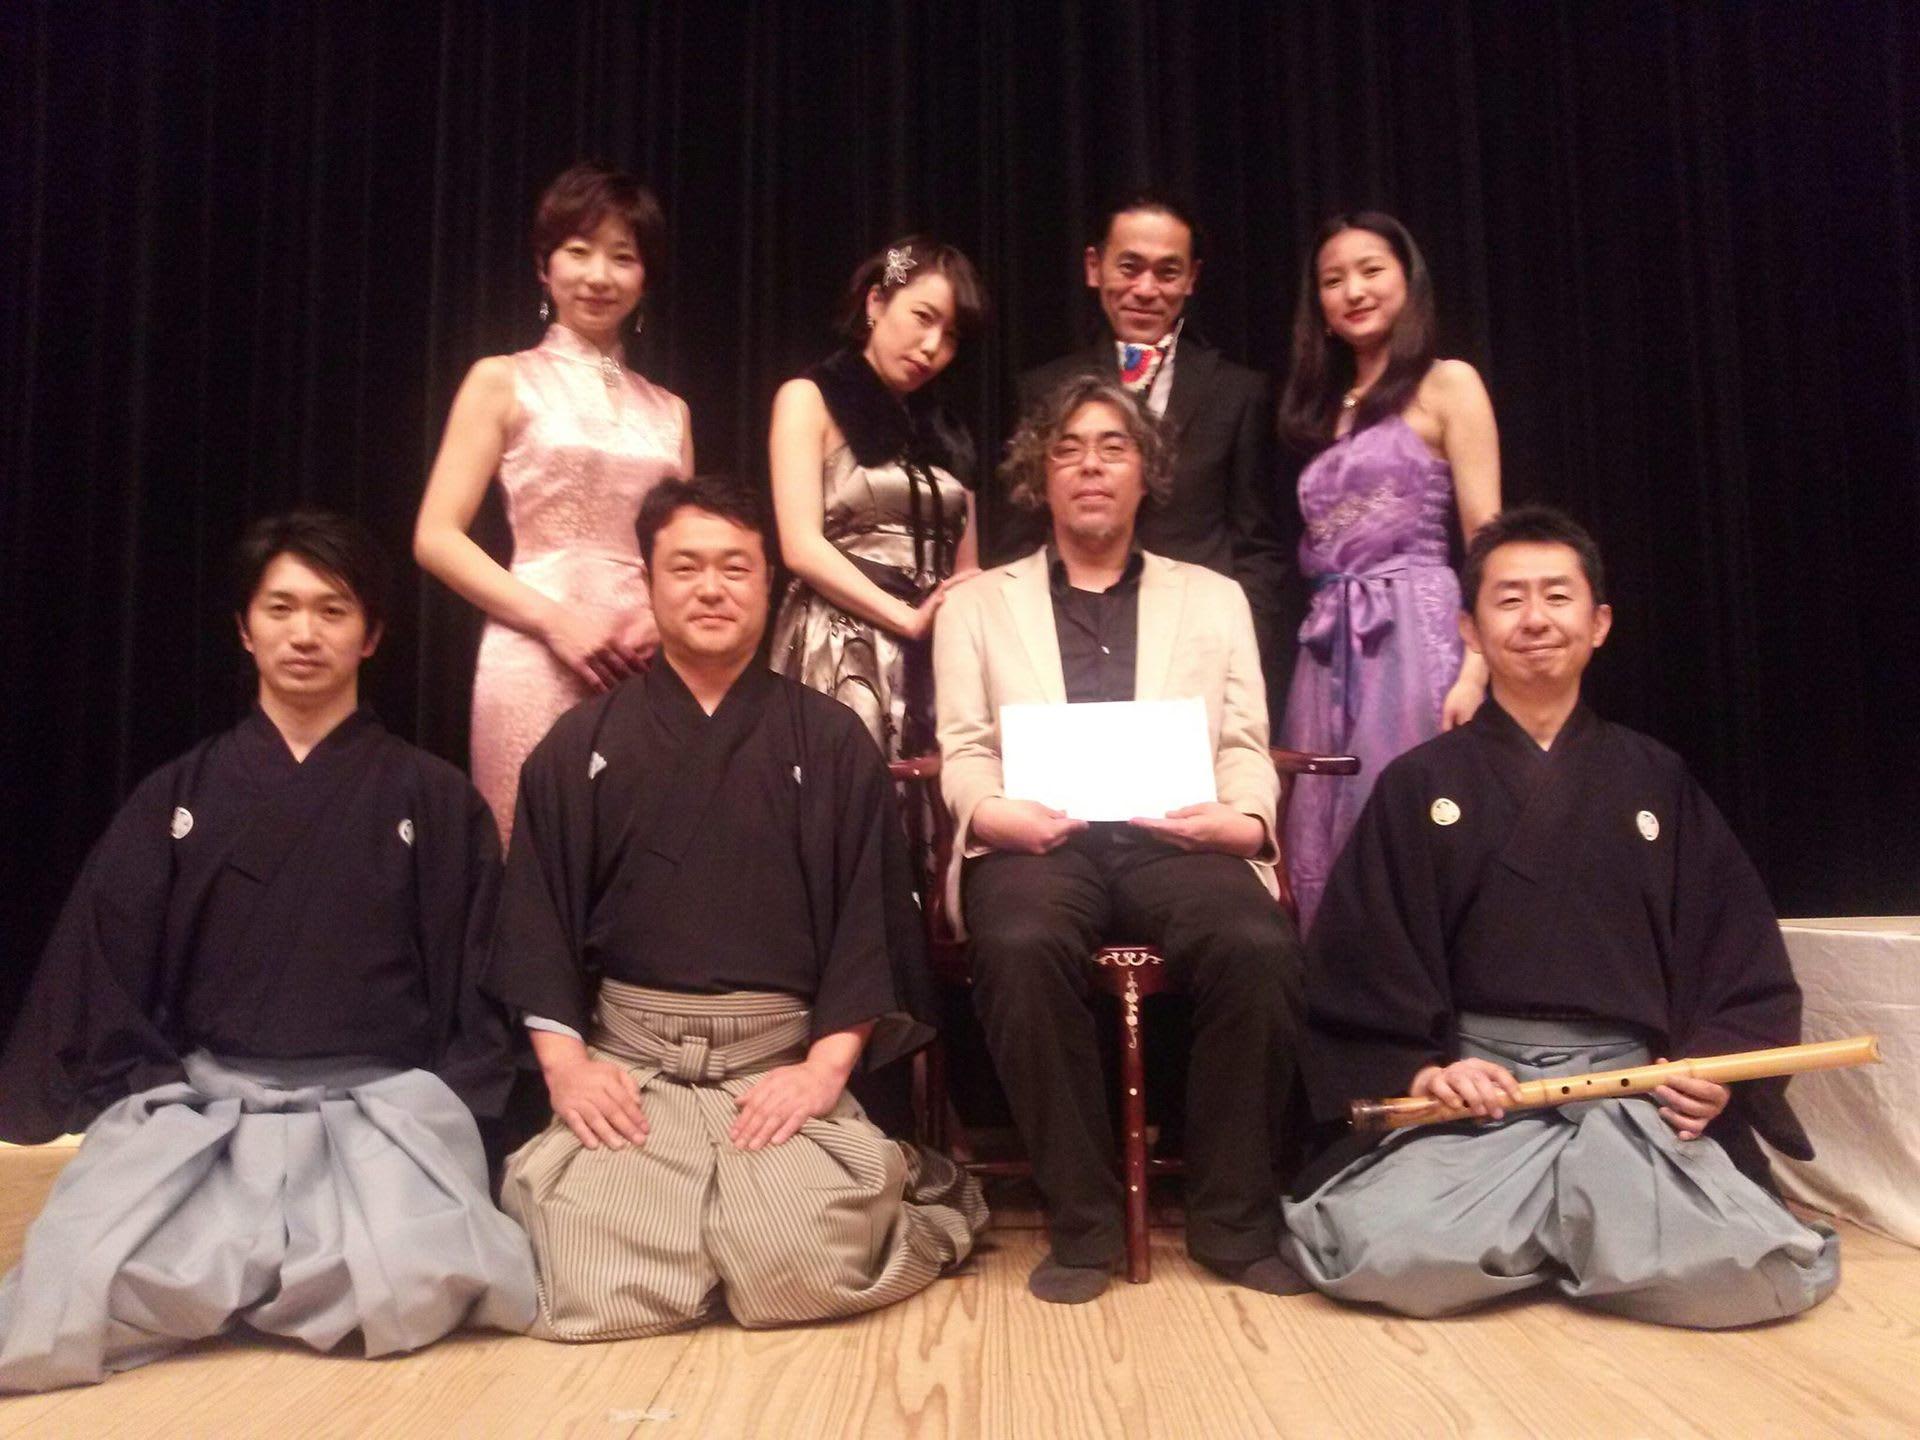 河崎純 Jun Kawasaki 音楽活動の記